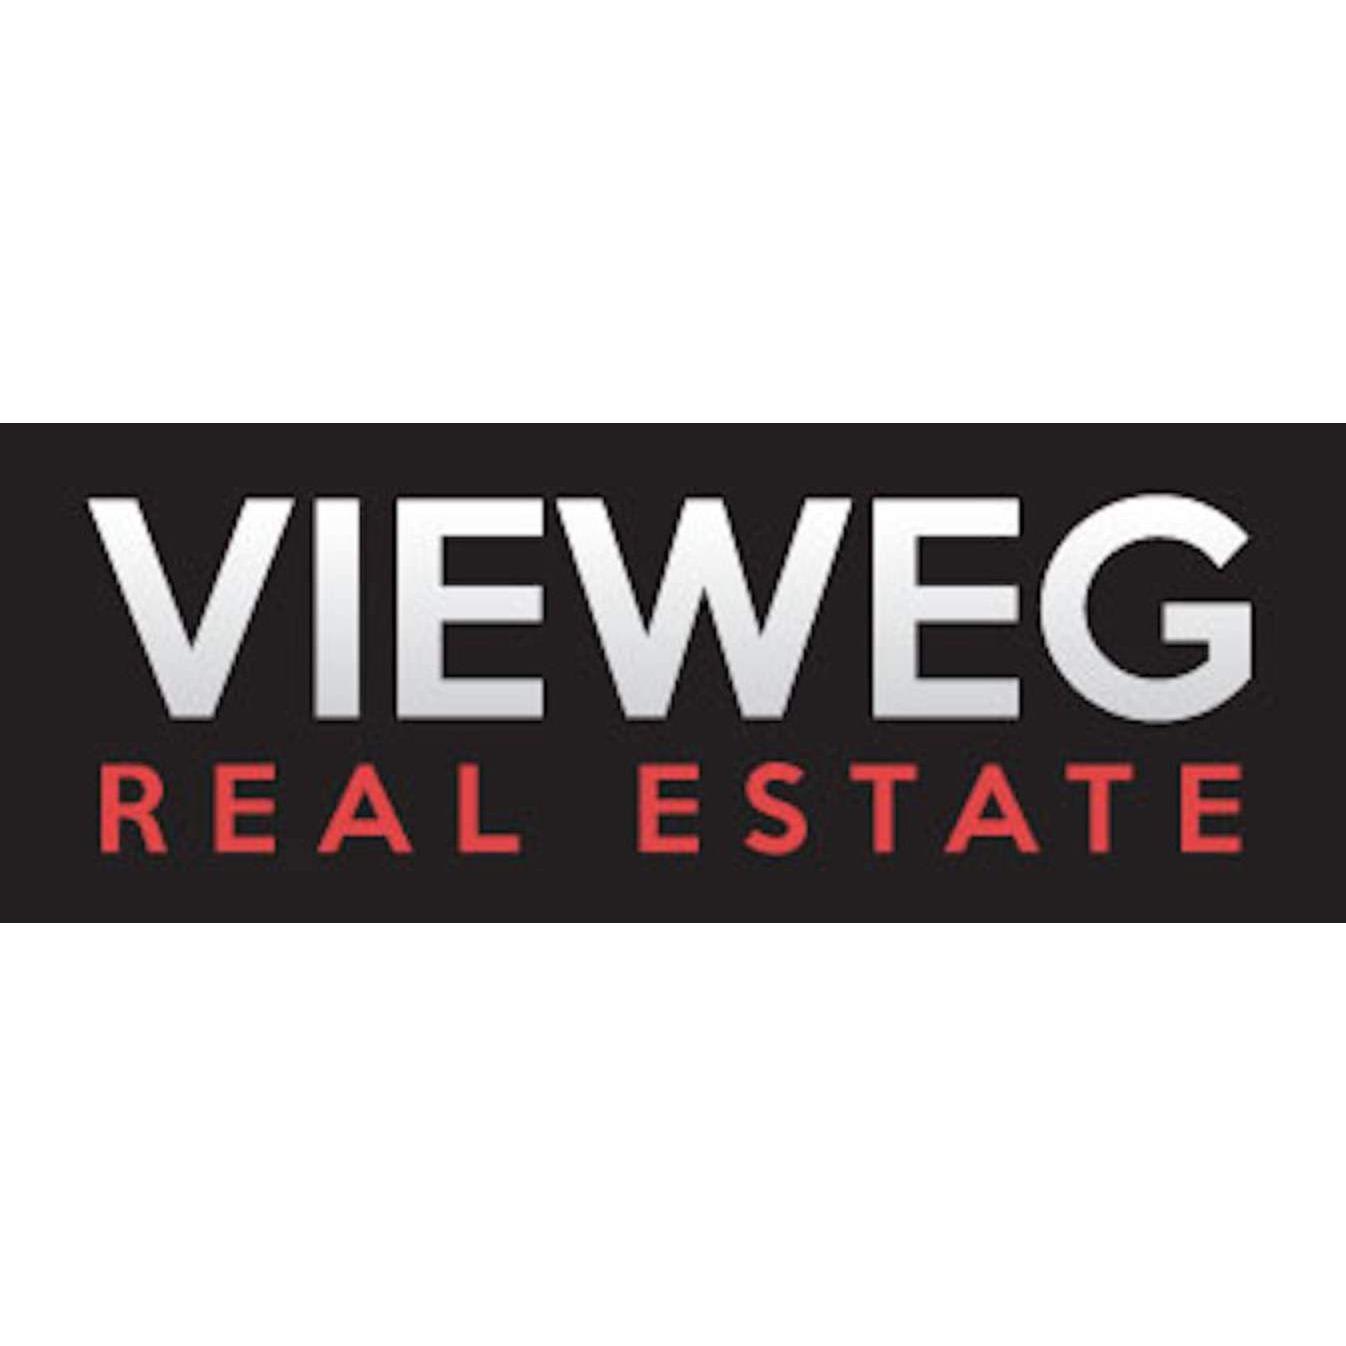 Vieweg Real Estate image 1